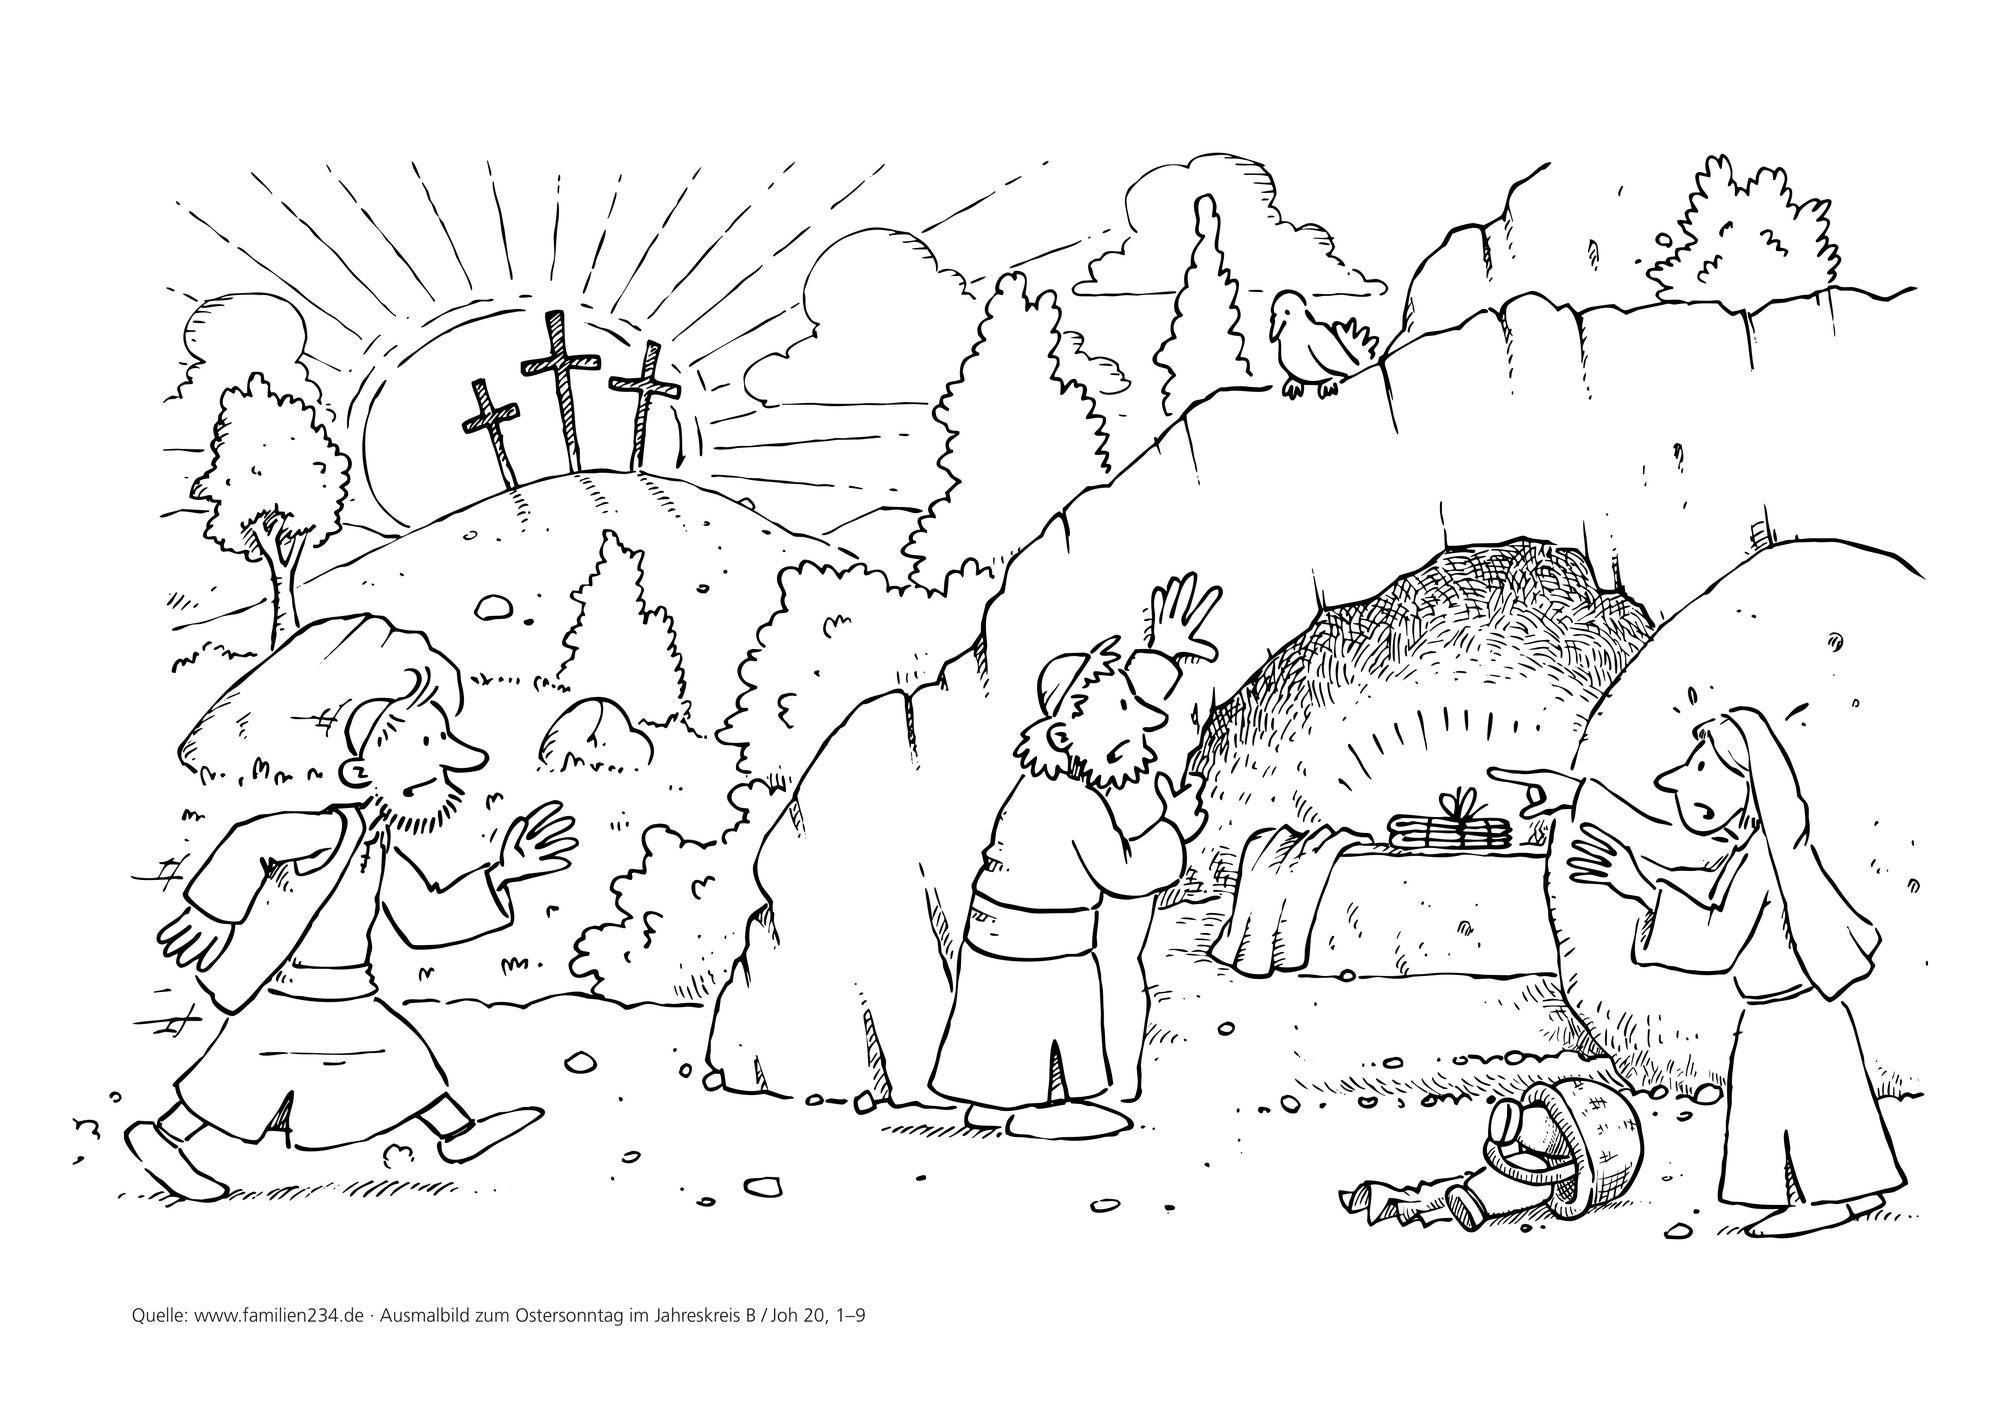 Ostersonntag - Dimanche de Pâques